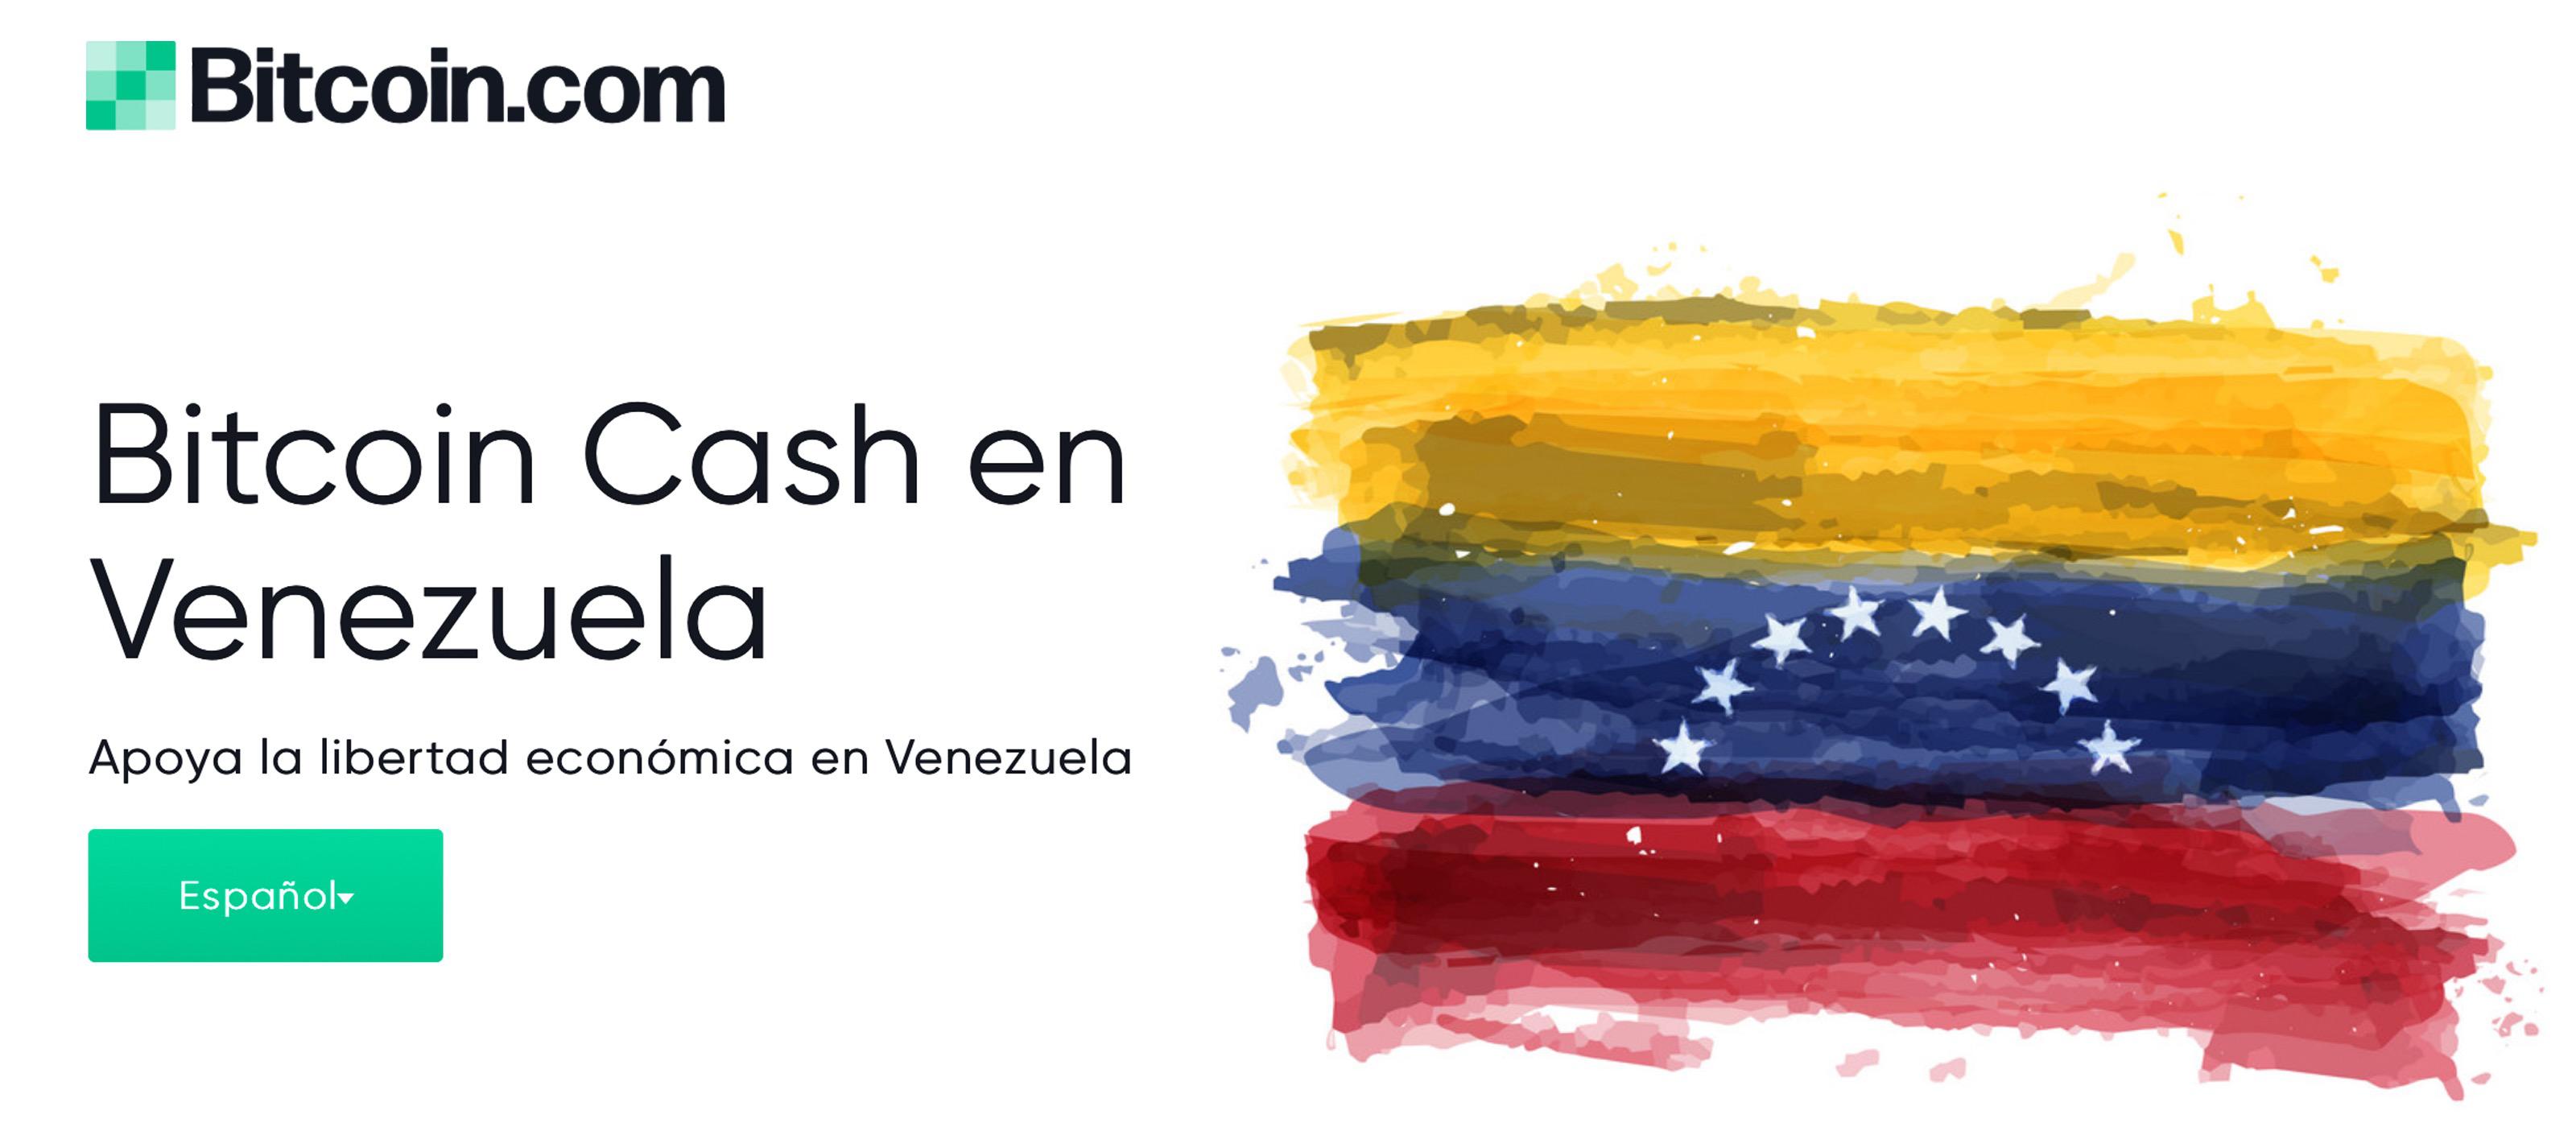 委内瑞拉:法币如废纸 美元和加密货币成为主要交易媒介